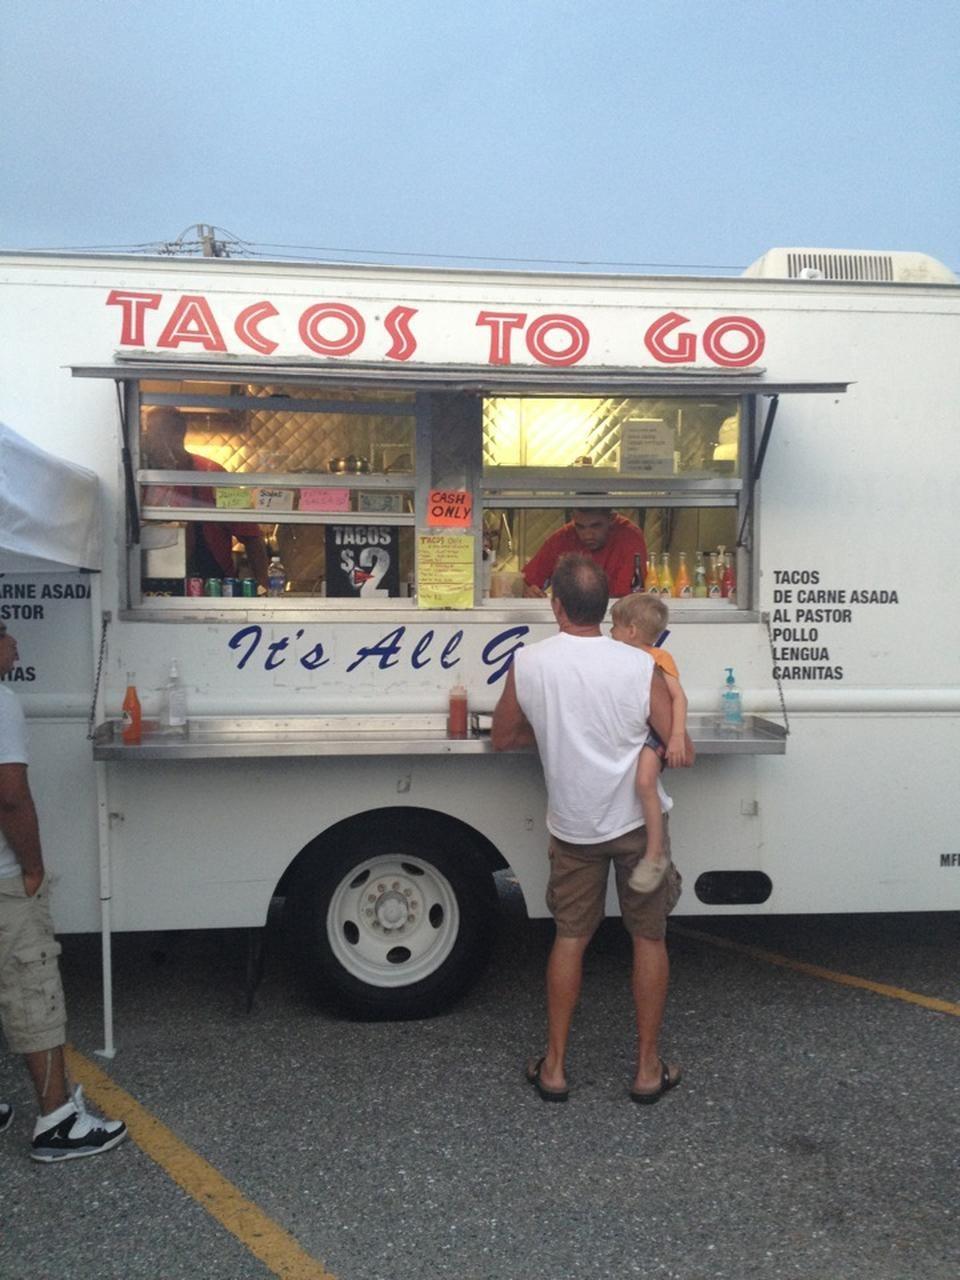 Photos at Taco Truck South Gate Sarasota, FL Tacos